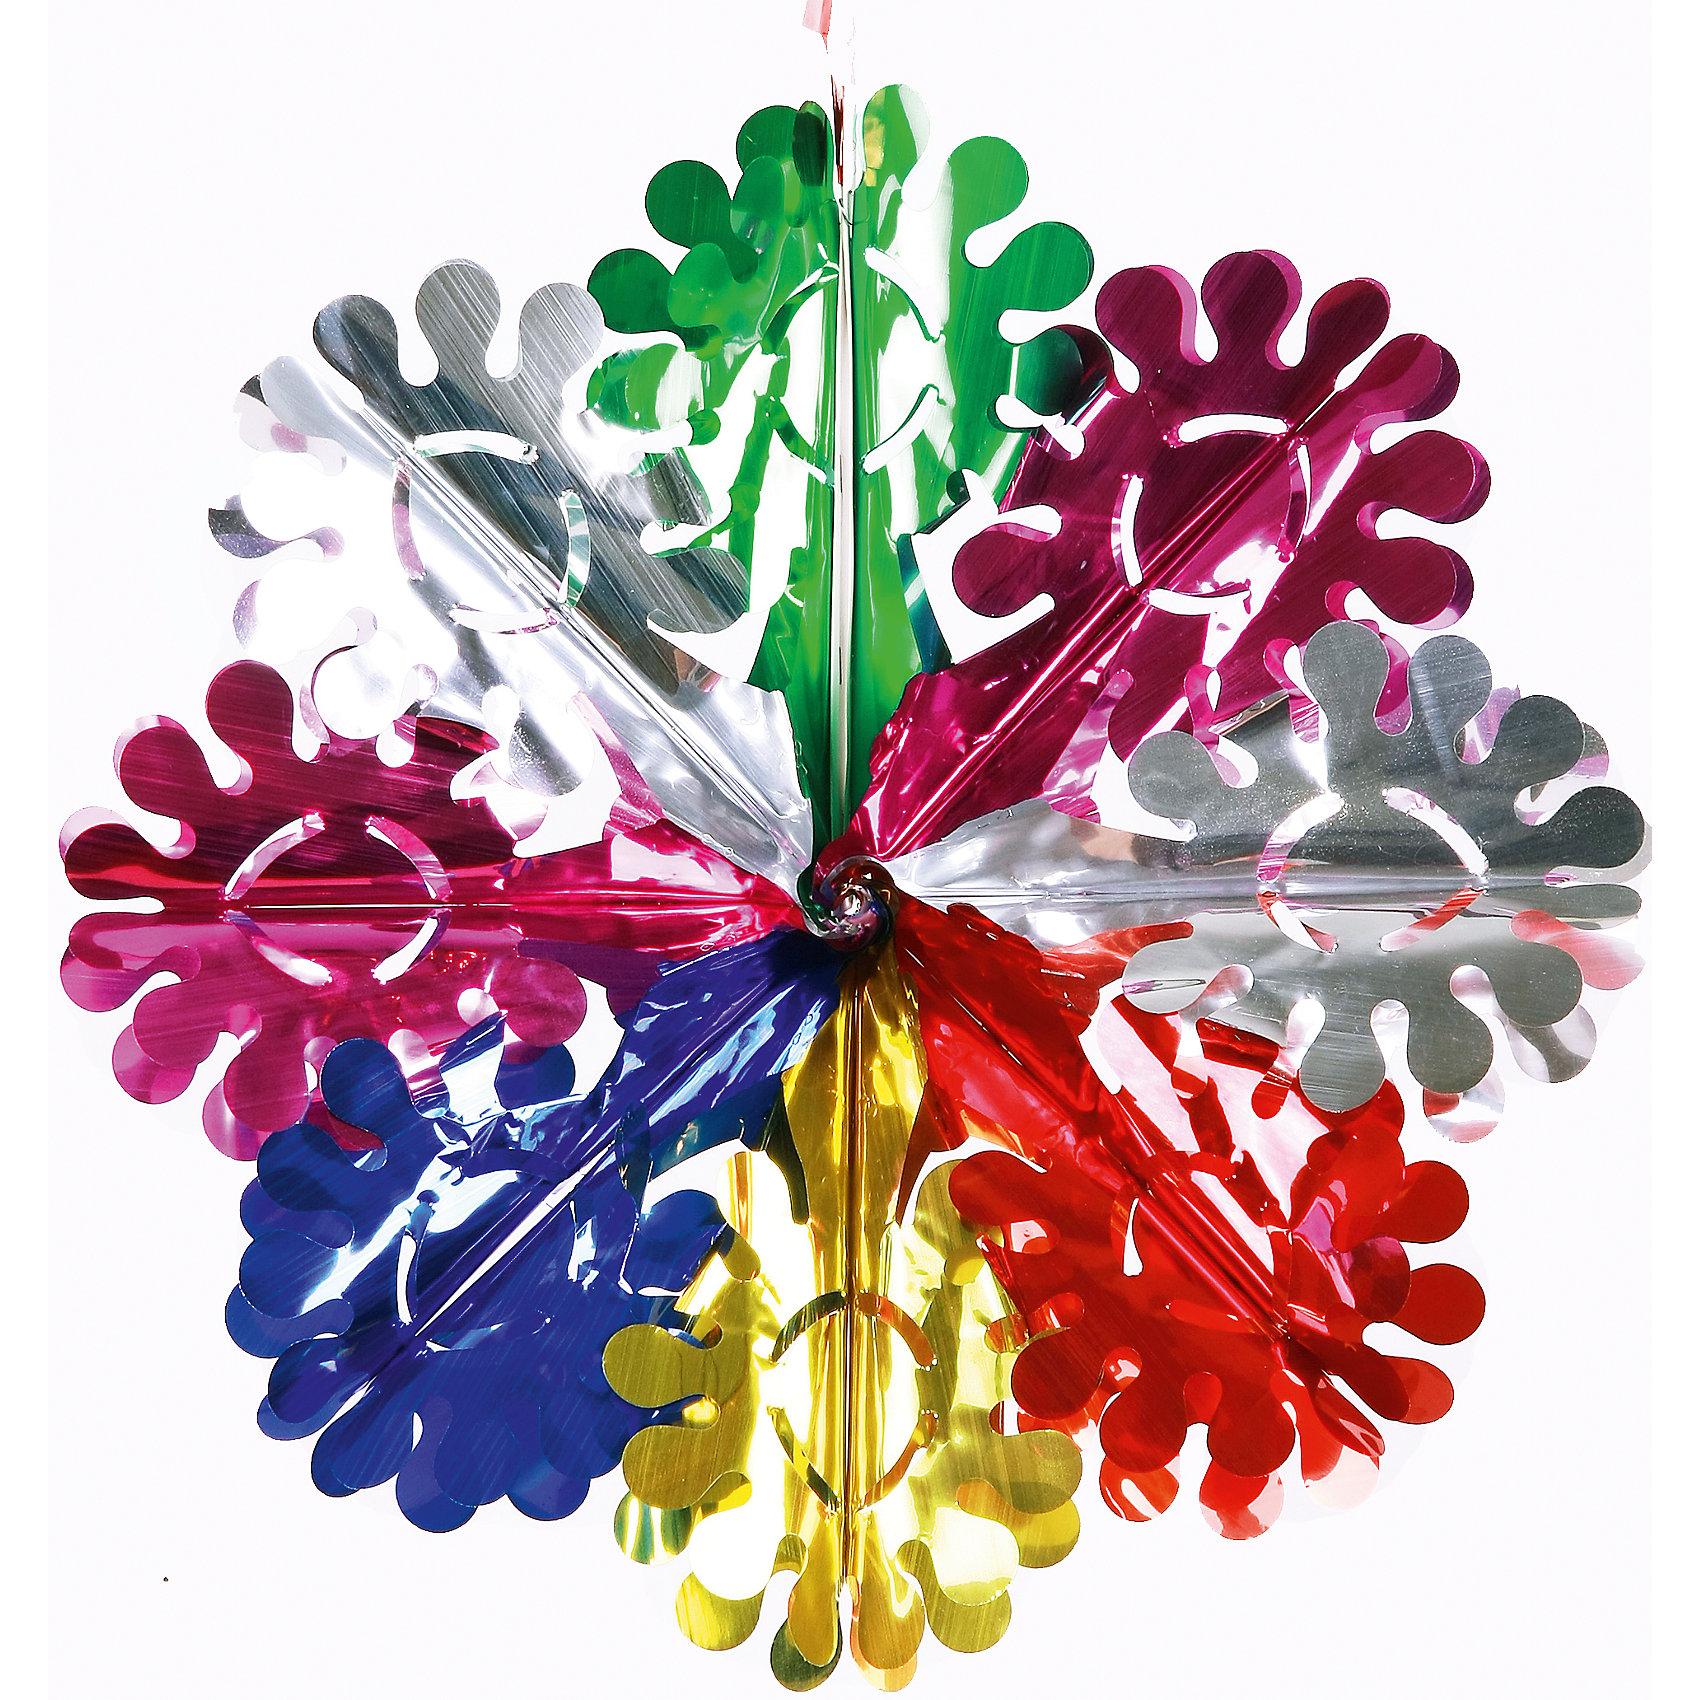 Гирлянда Ажурная снежинка 14*20 смВсё для праздника<br>Гирлянда Ажурная снежинка 14*20 см - это новогоднее украшение замечательно дополнит праздничный интерьер.<br>Роскошная объемная ажурная снежинка украсит интерьер вашего дома или офиса в преддверии Нового года. Оригинальный дизайн и красочное исполнение создадут праздничное настроение. Новогодние украшения всегда несут в себе волшебство и красоту праздника. Создайте в своем доме атмосферу тепла, веселья и радости, украшая его всей семьей.<br><br>Дополнительная информация:<br><br>- Размер: 14х20 см.<br>- Материал: ПЭТ (полиэтилентерефталат)<br><br>Гирлянду Ажурная снежинка 14*20 см можно купить в нашем интернет-магазине.<br><br>Ширина мм: 100<br>Глубина мм: 100<br>Высота мм: 60<br>Вес г: 260<br>Возраст от месяцев: 36<br>Возраст до месяцев: 2147483647<br>Пол: Унисекс<br>Возраст: Детский<br>SKU: 4981525